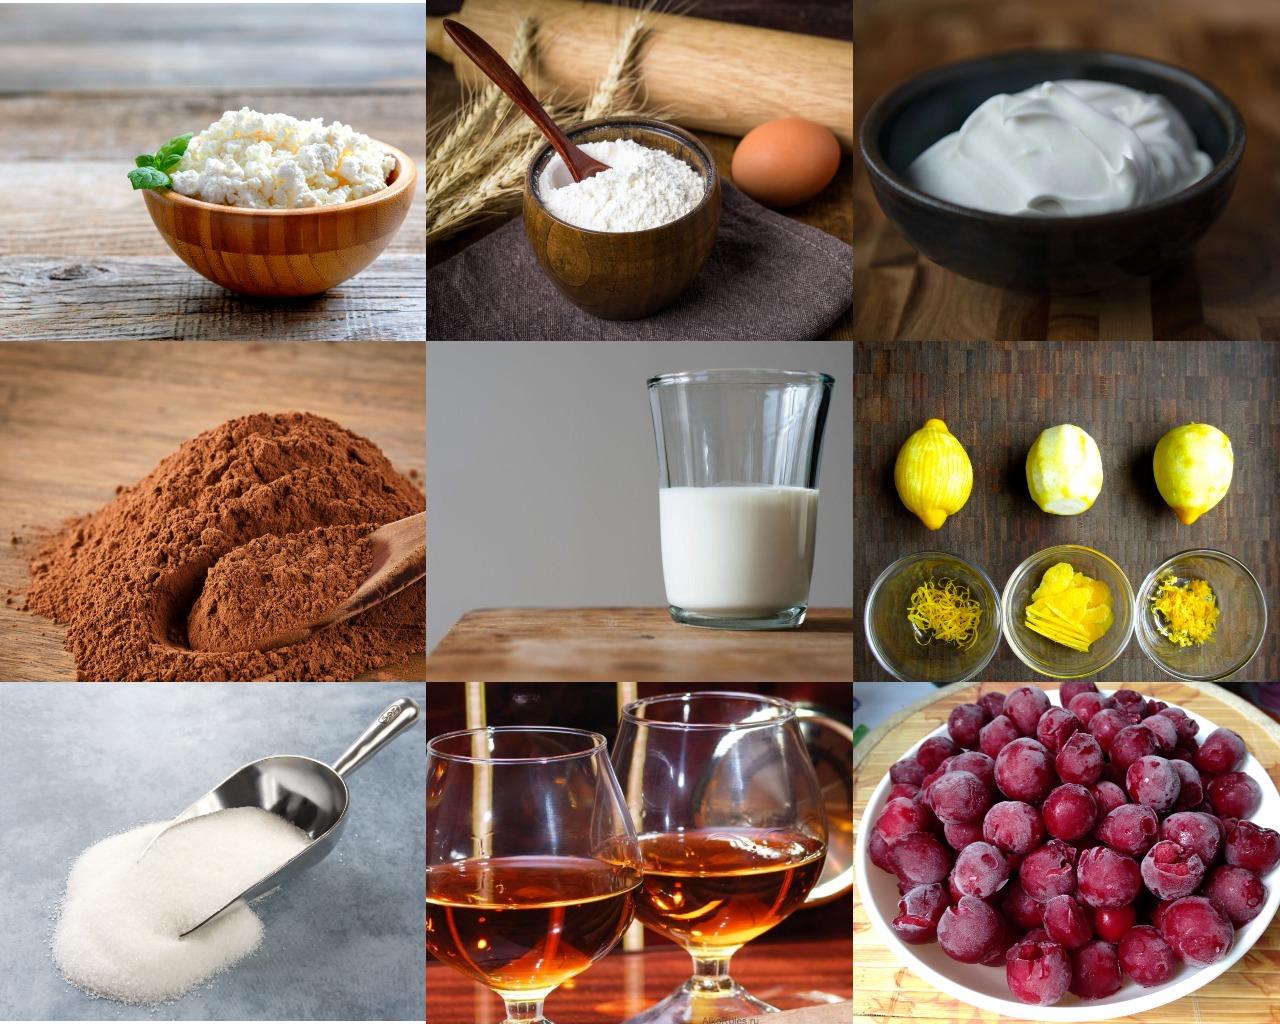 Ингредиенты для бисквита и начинки